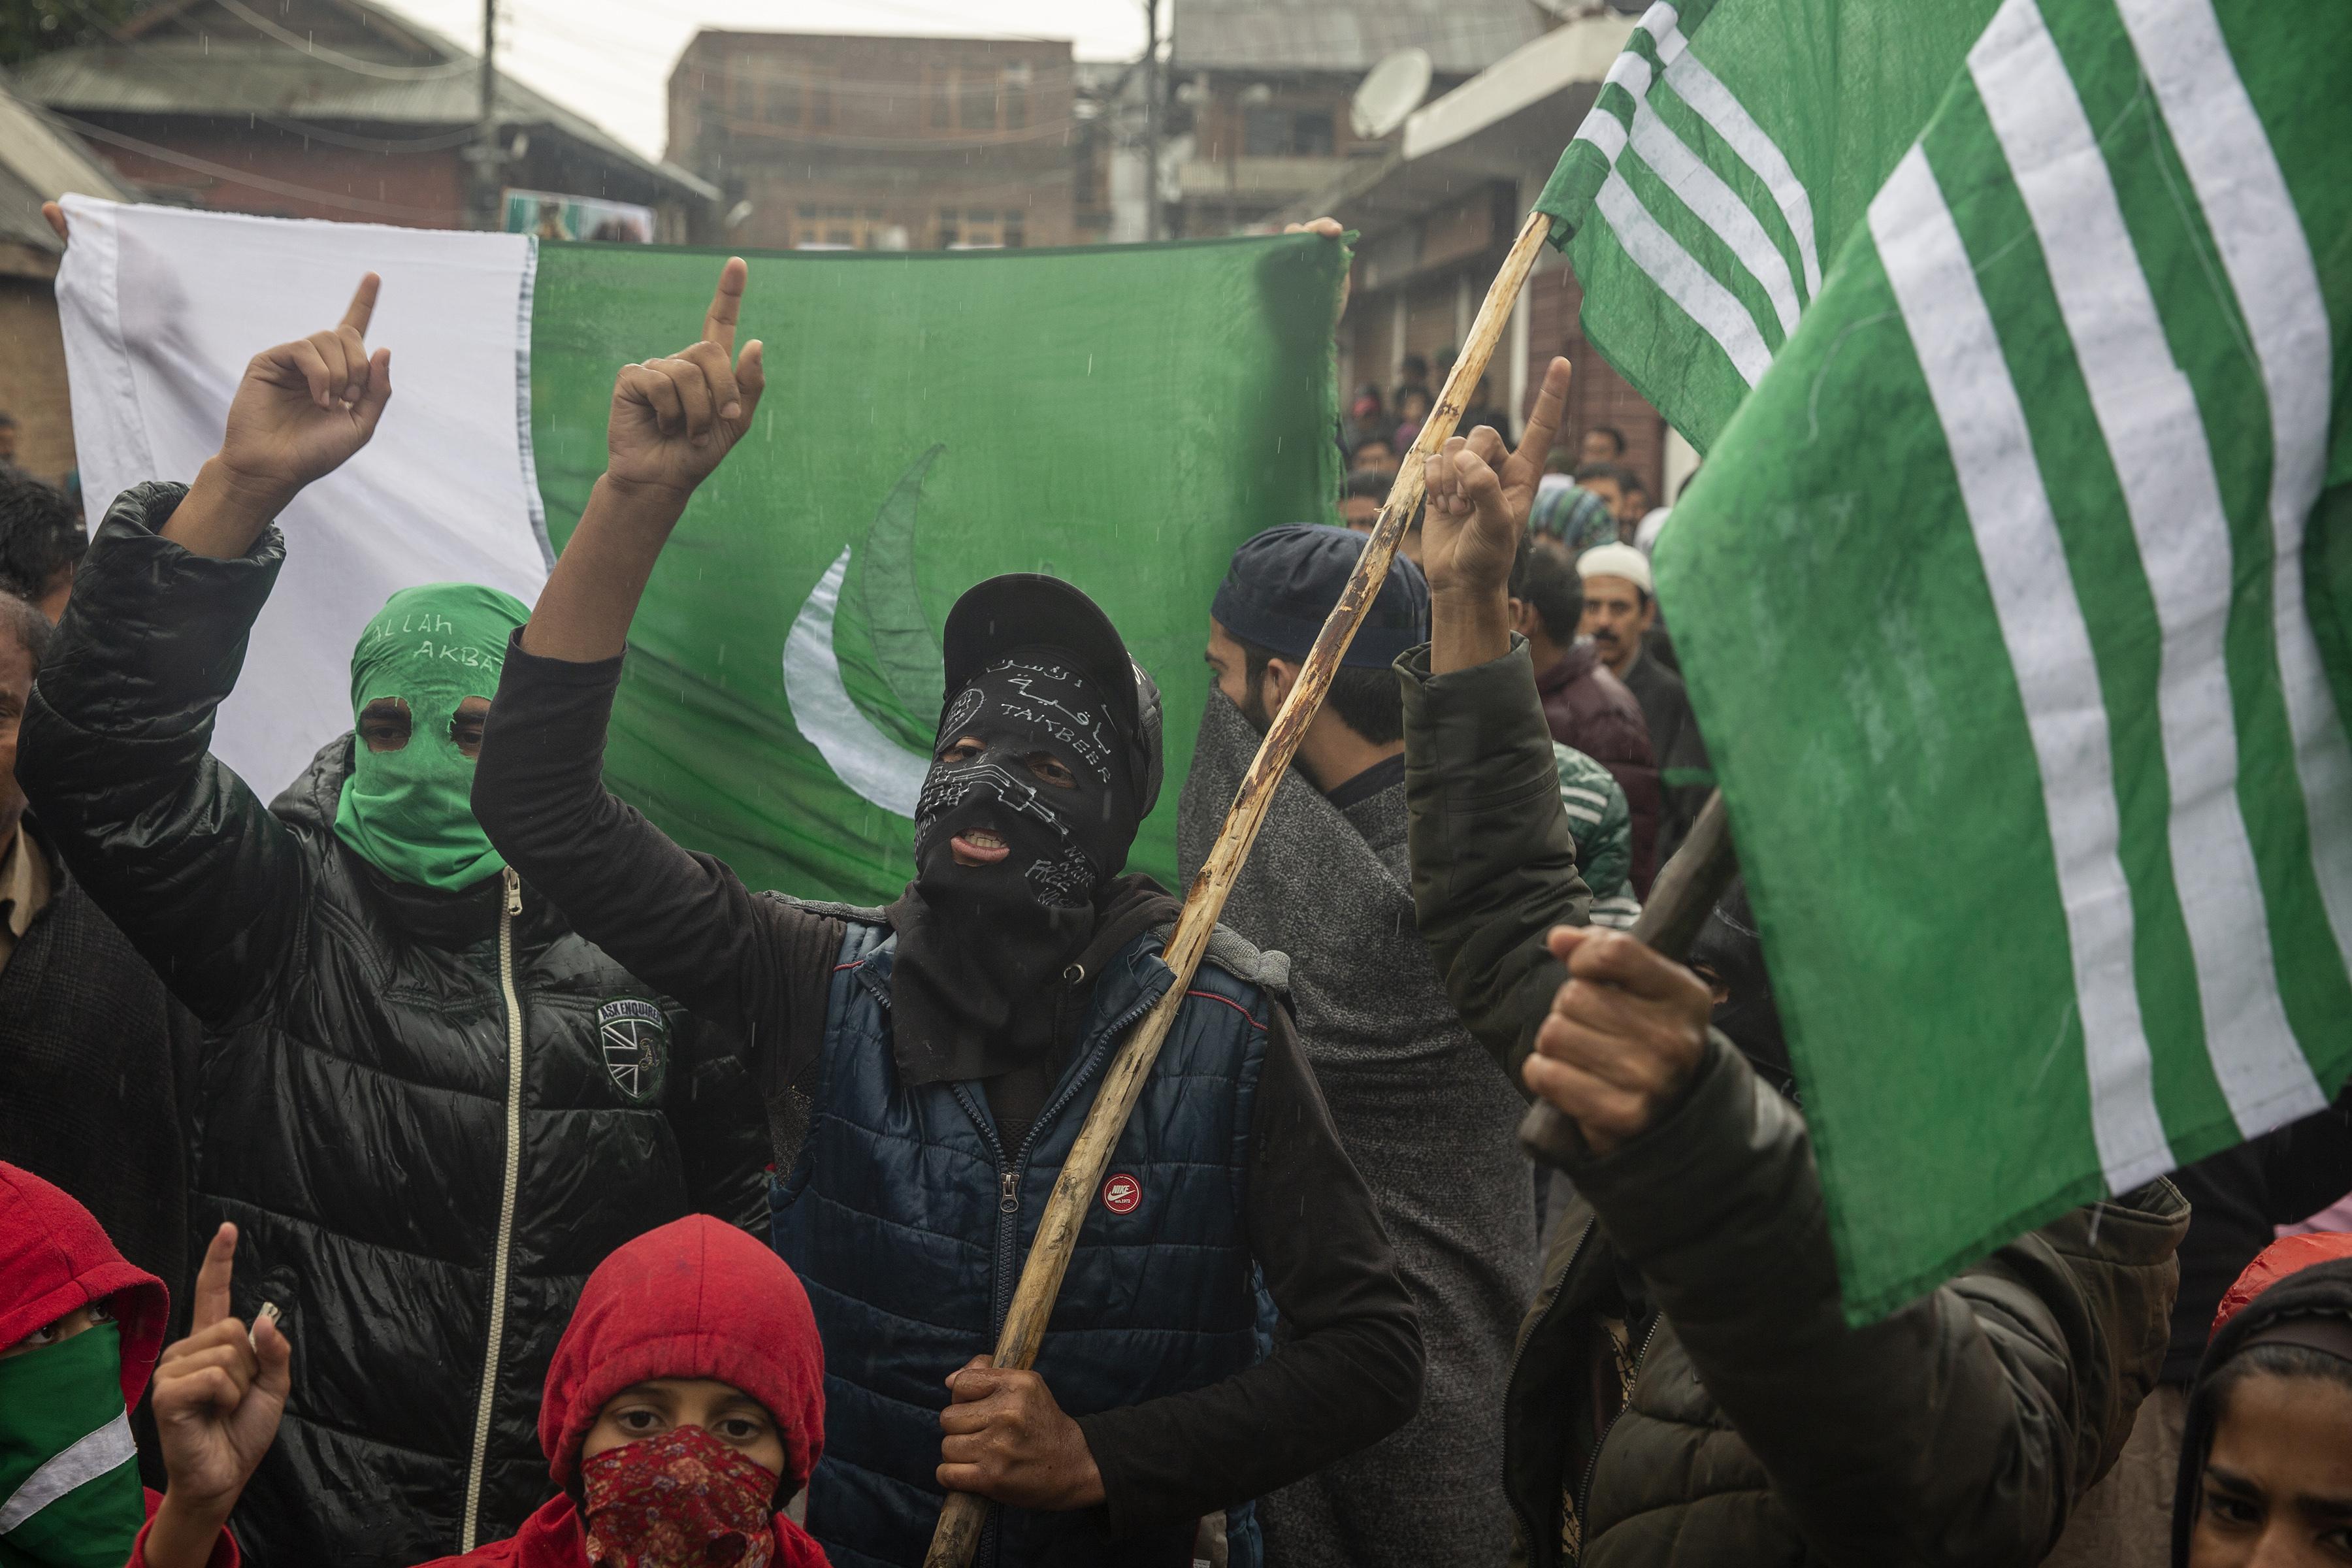 Los cachemires enmascarados gritan consignas durante una protesta después de las oraciones del viernes en las afueras de Srinagar, Cachemira controlada por la India, el 4 de octubre de 2019. (Foto AP / Dar Yasin)